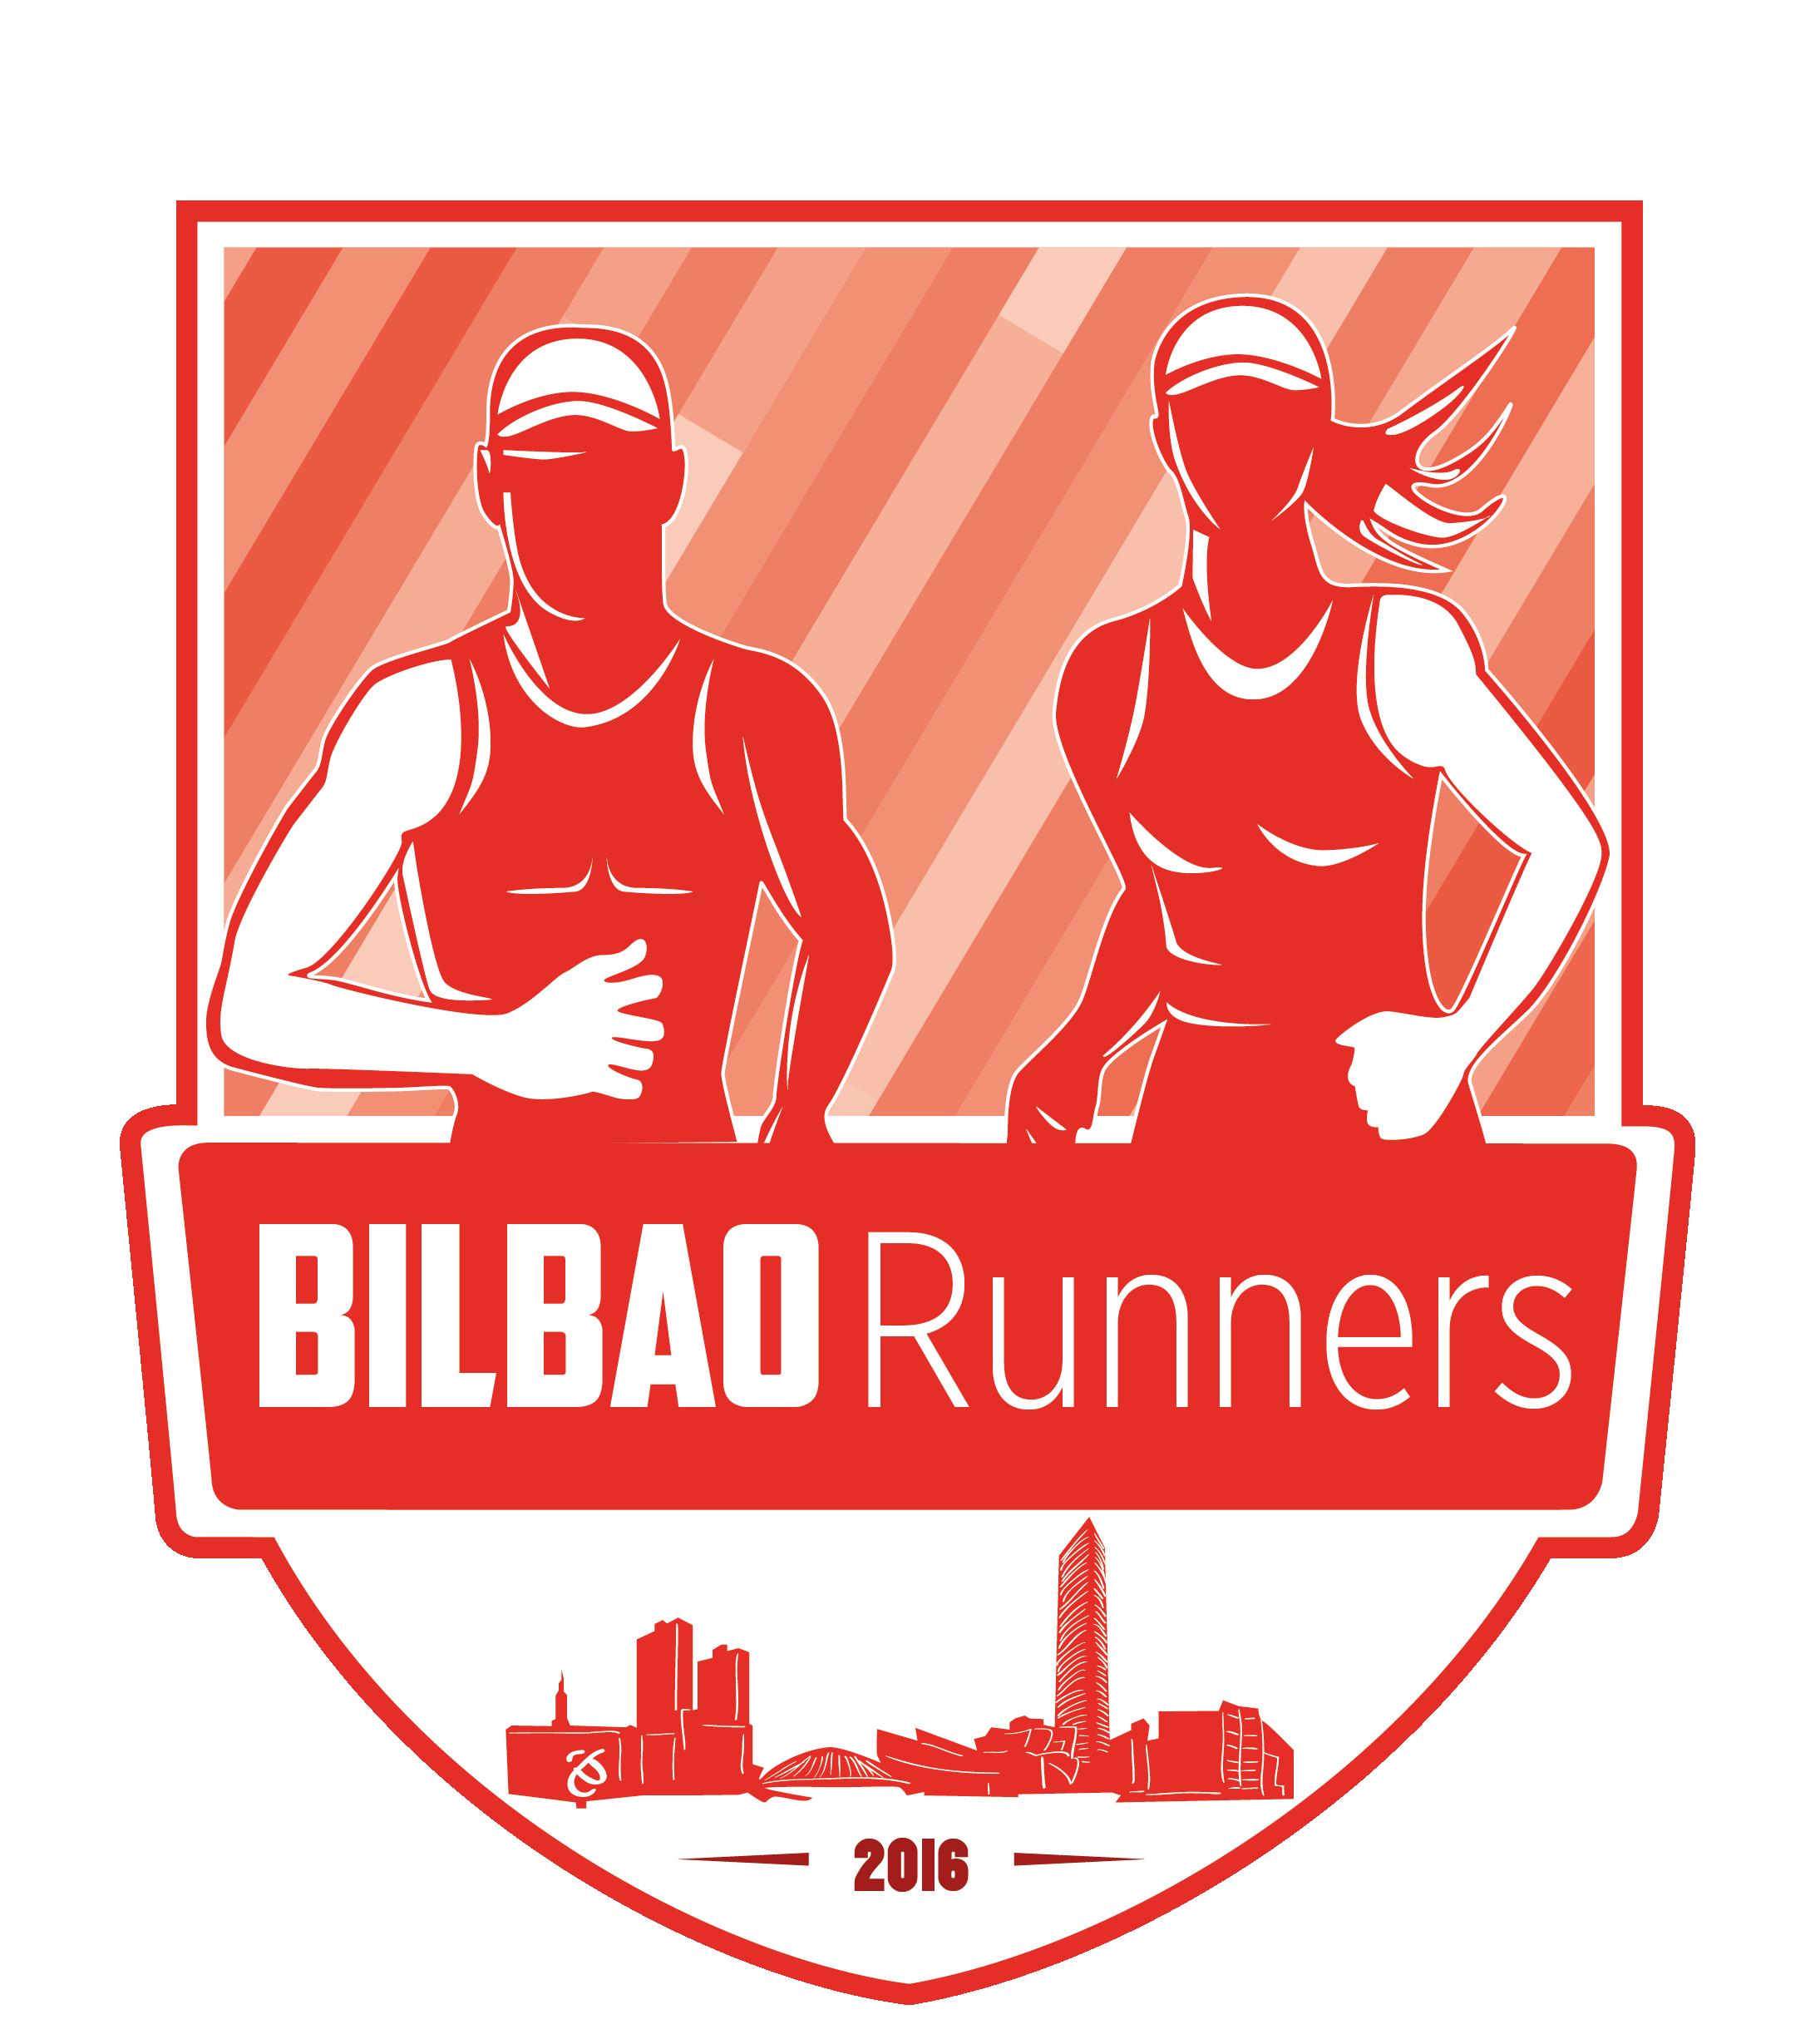 Logotipo Bilbao runners